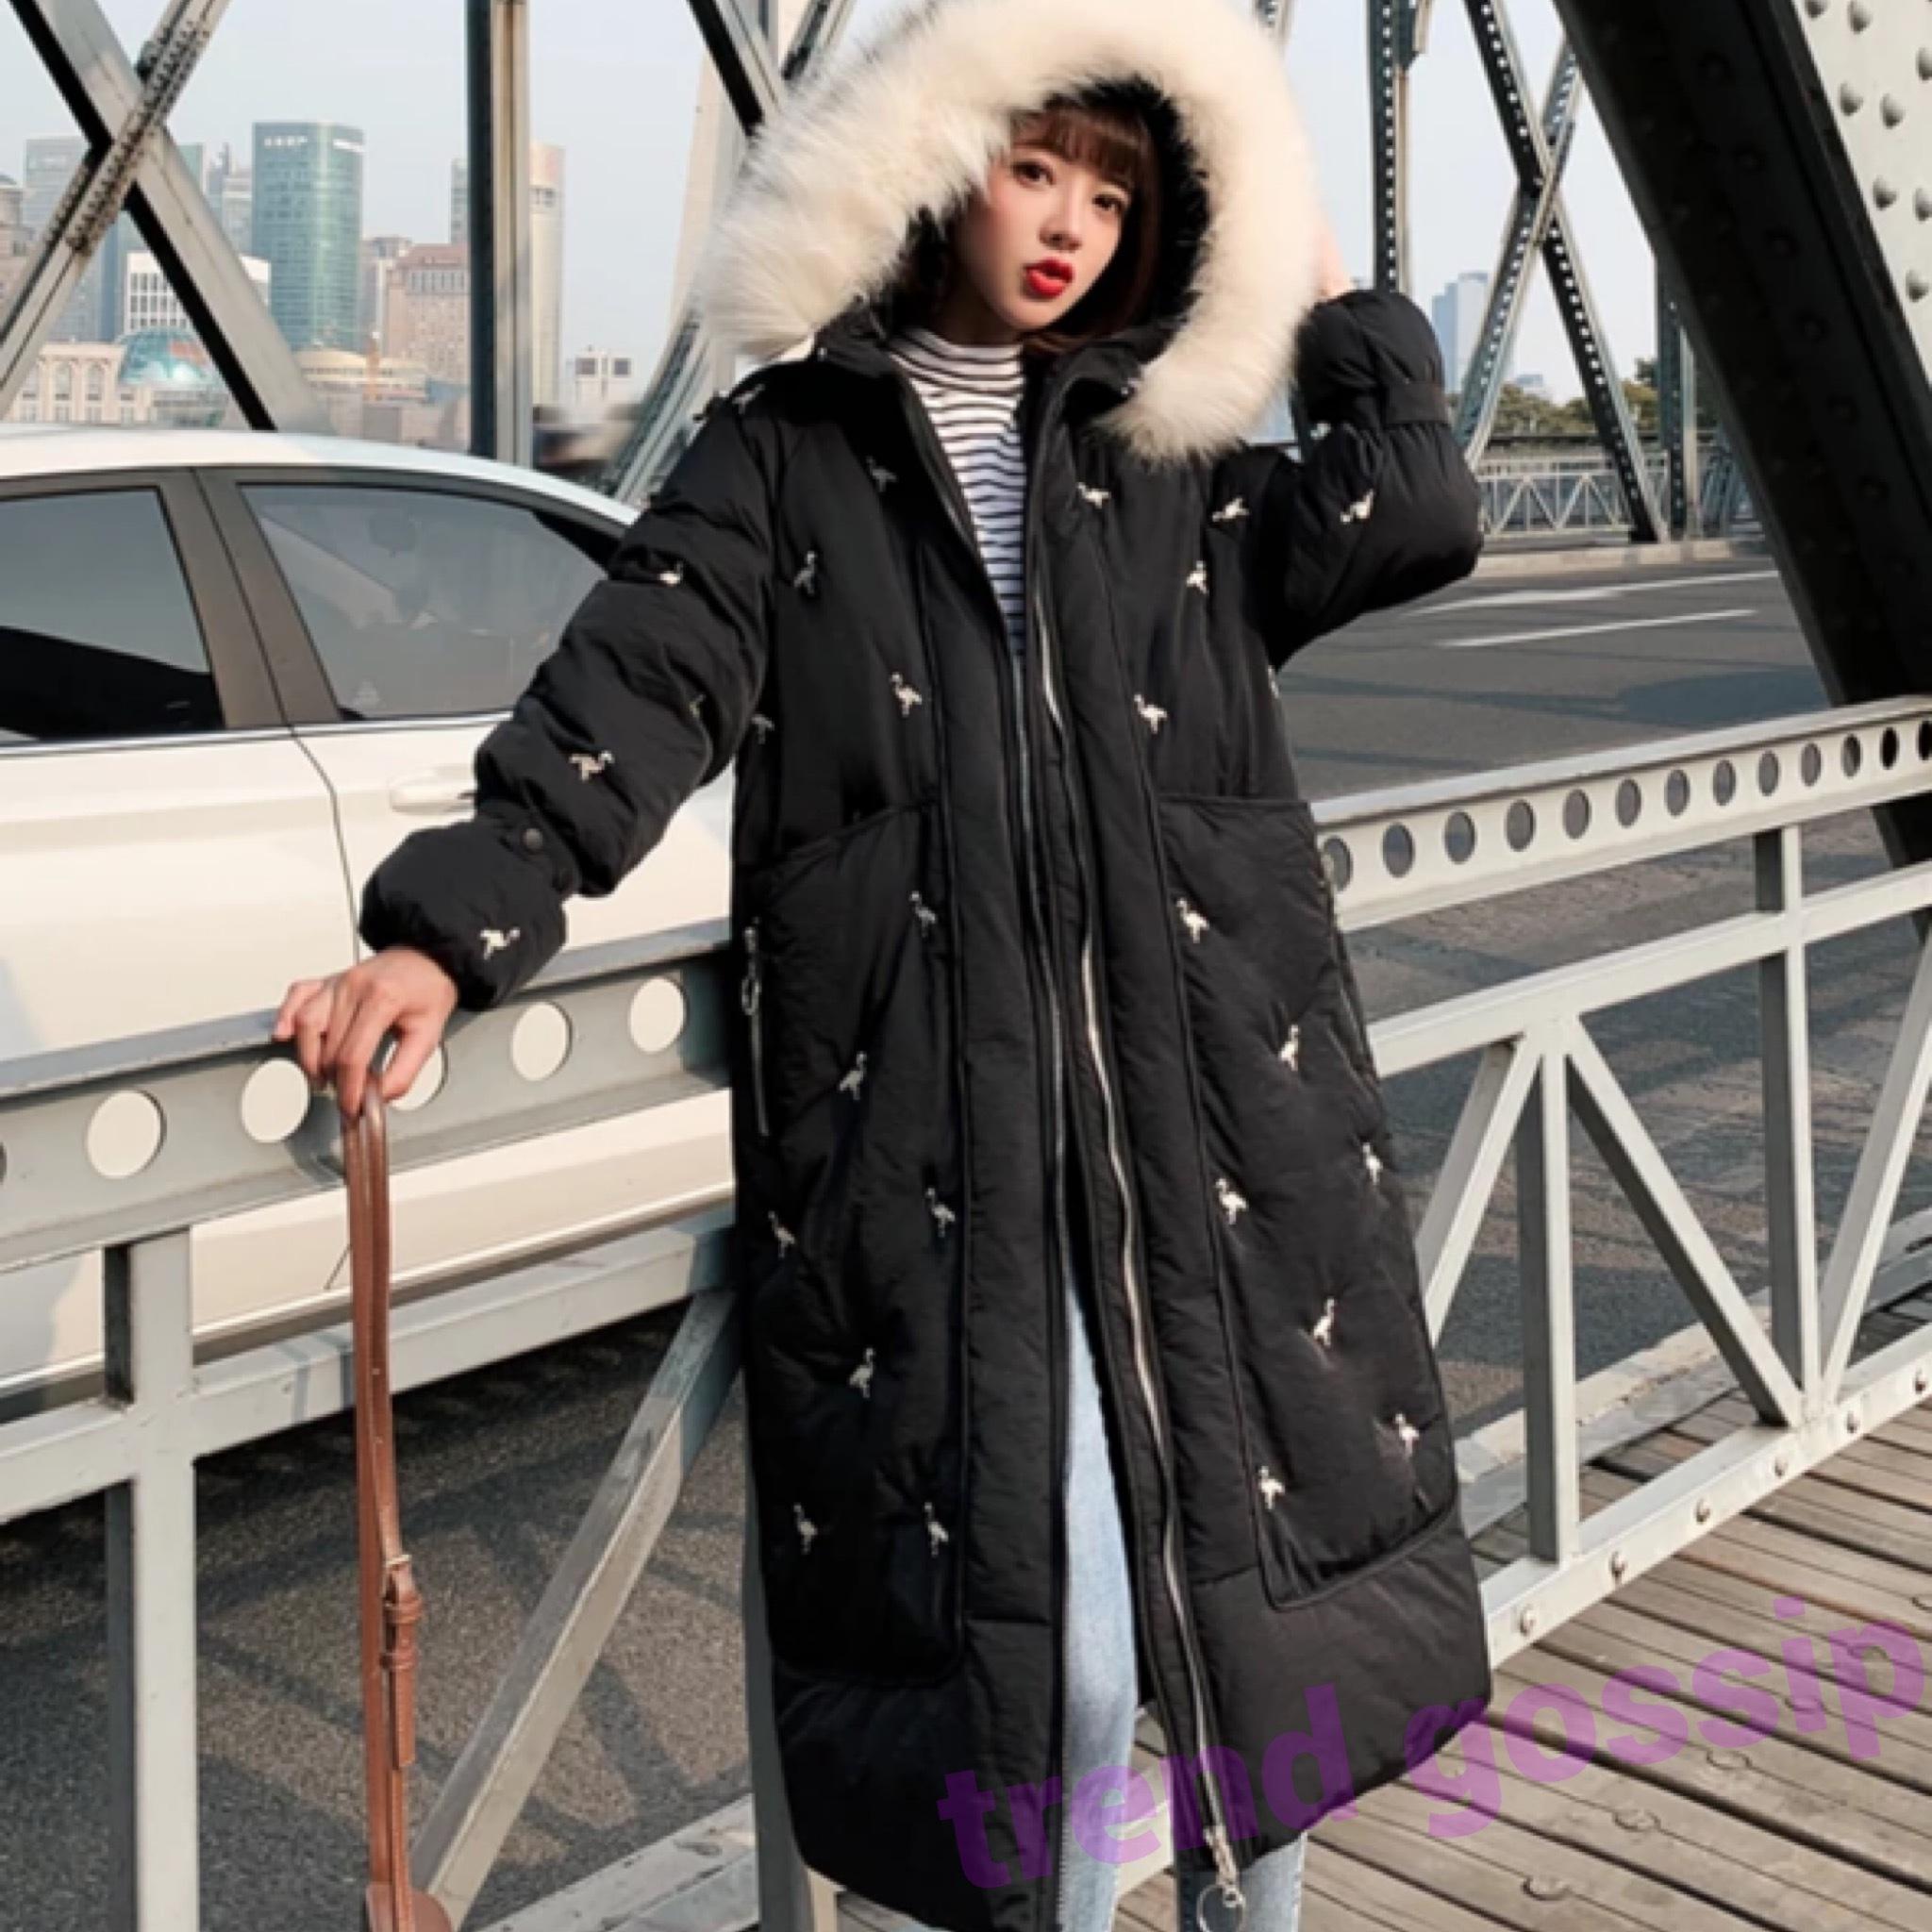 フードファー付きフラミンゴ刺繍中綿ロングコート/アウター/3色展開/S〜XXL/2019AW